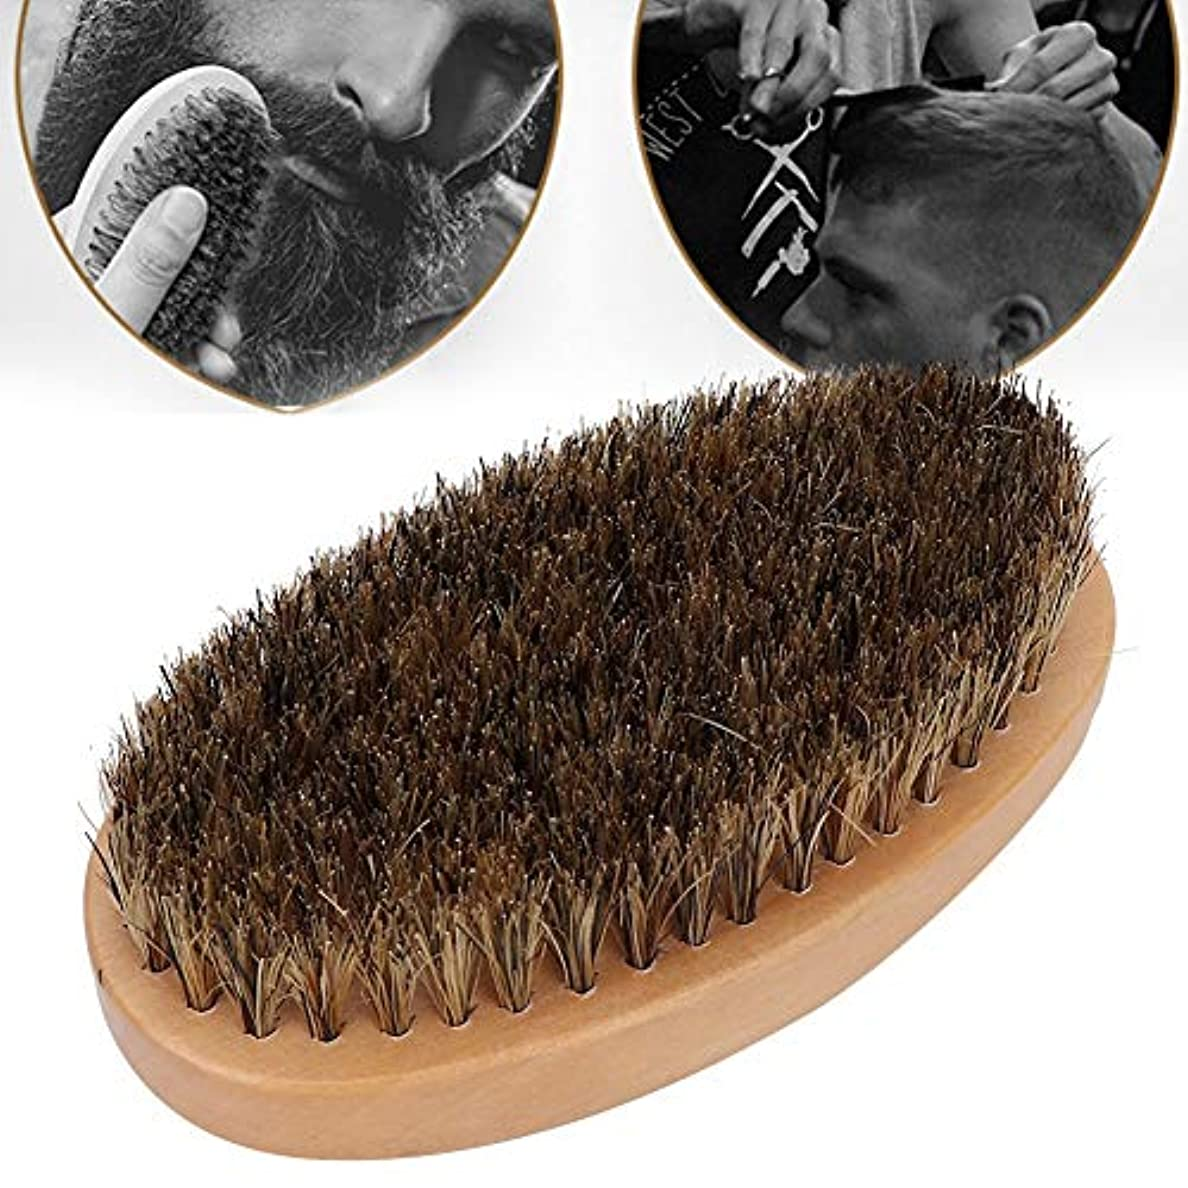 パターンチェリーどういたしまして男性用の壊れた髪の掃除ひげブラシヘアコーム, 男性用のプロの壊れた髪抜本的なひげブラシヘアコーム理髪くし